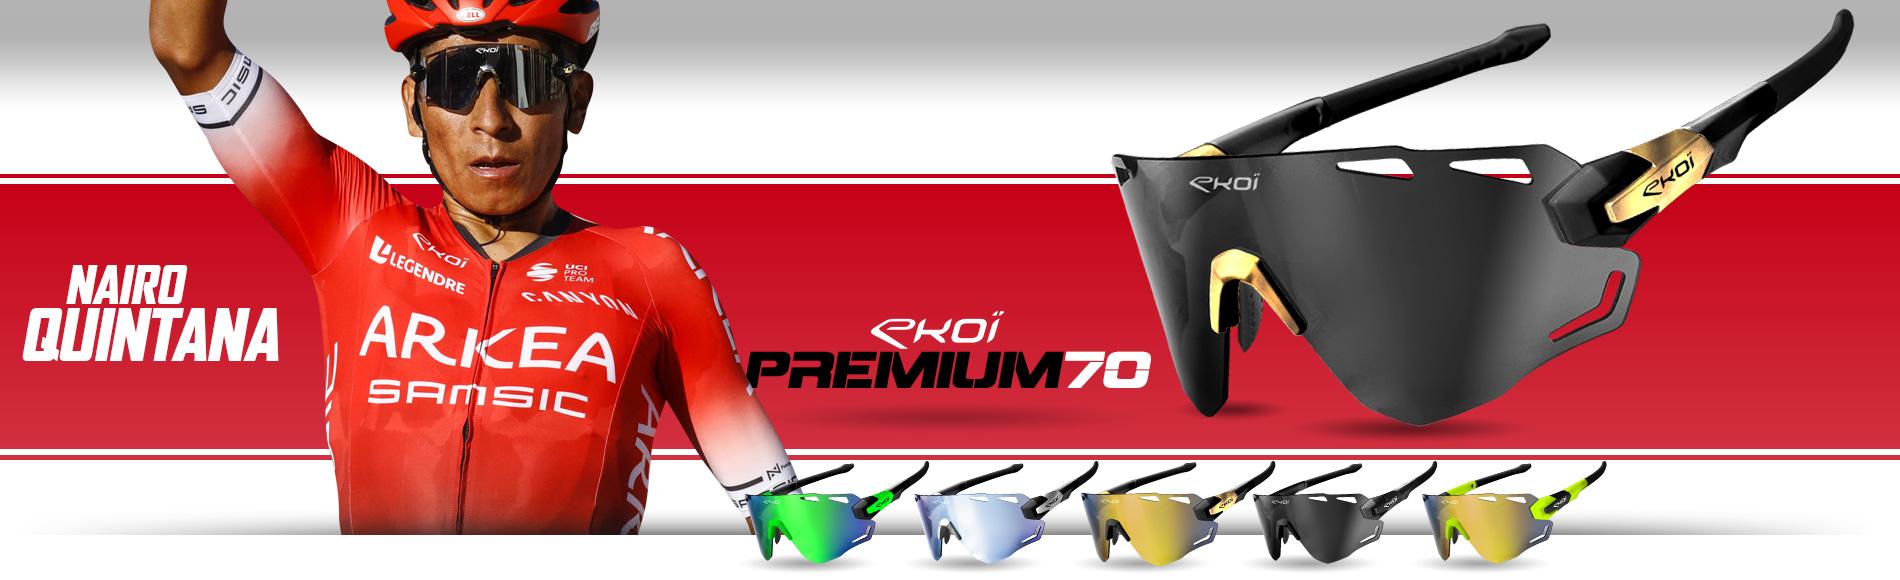 Lunettes vélo EKOI Premium 70